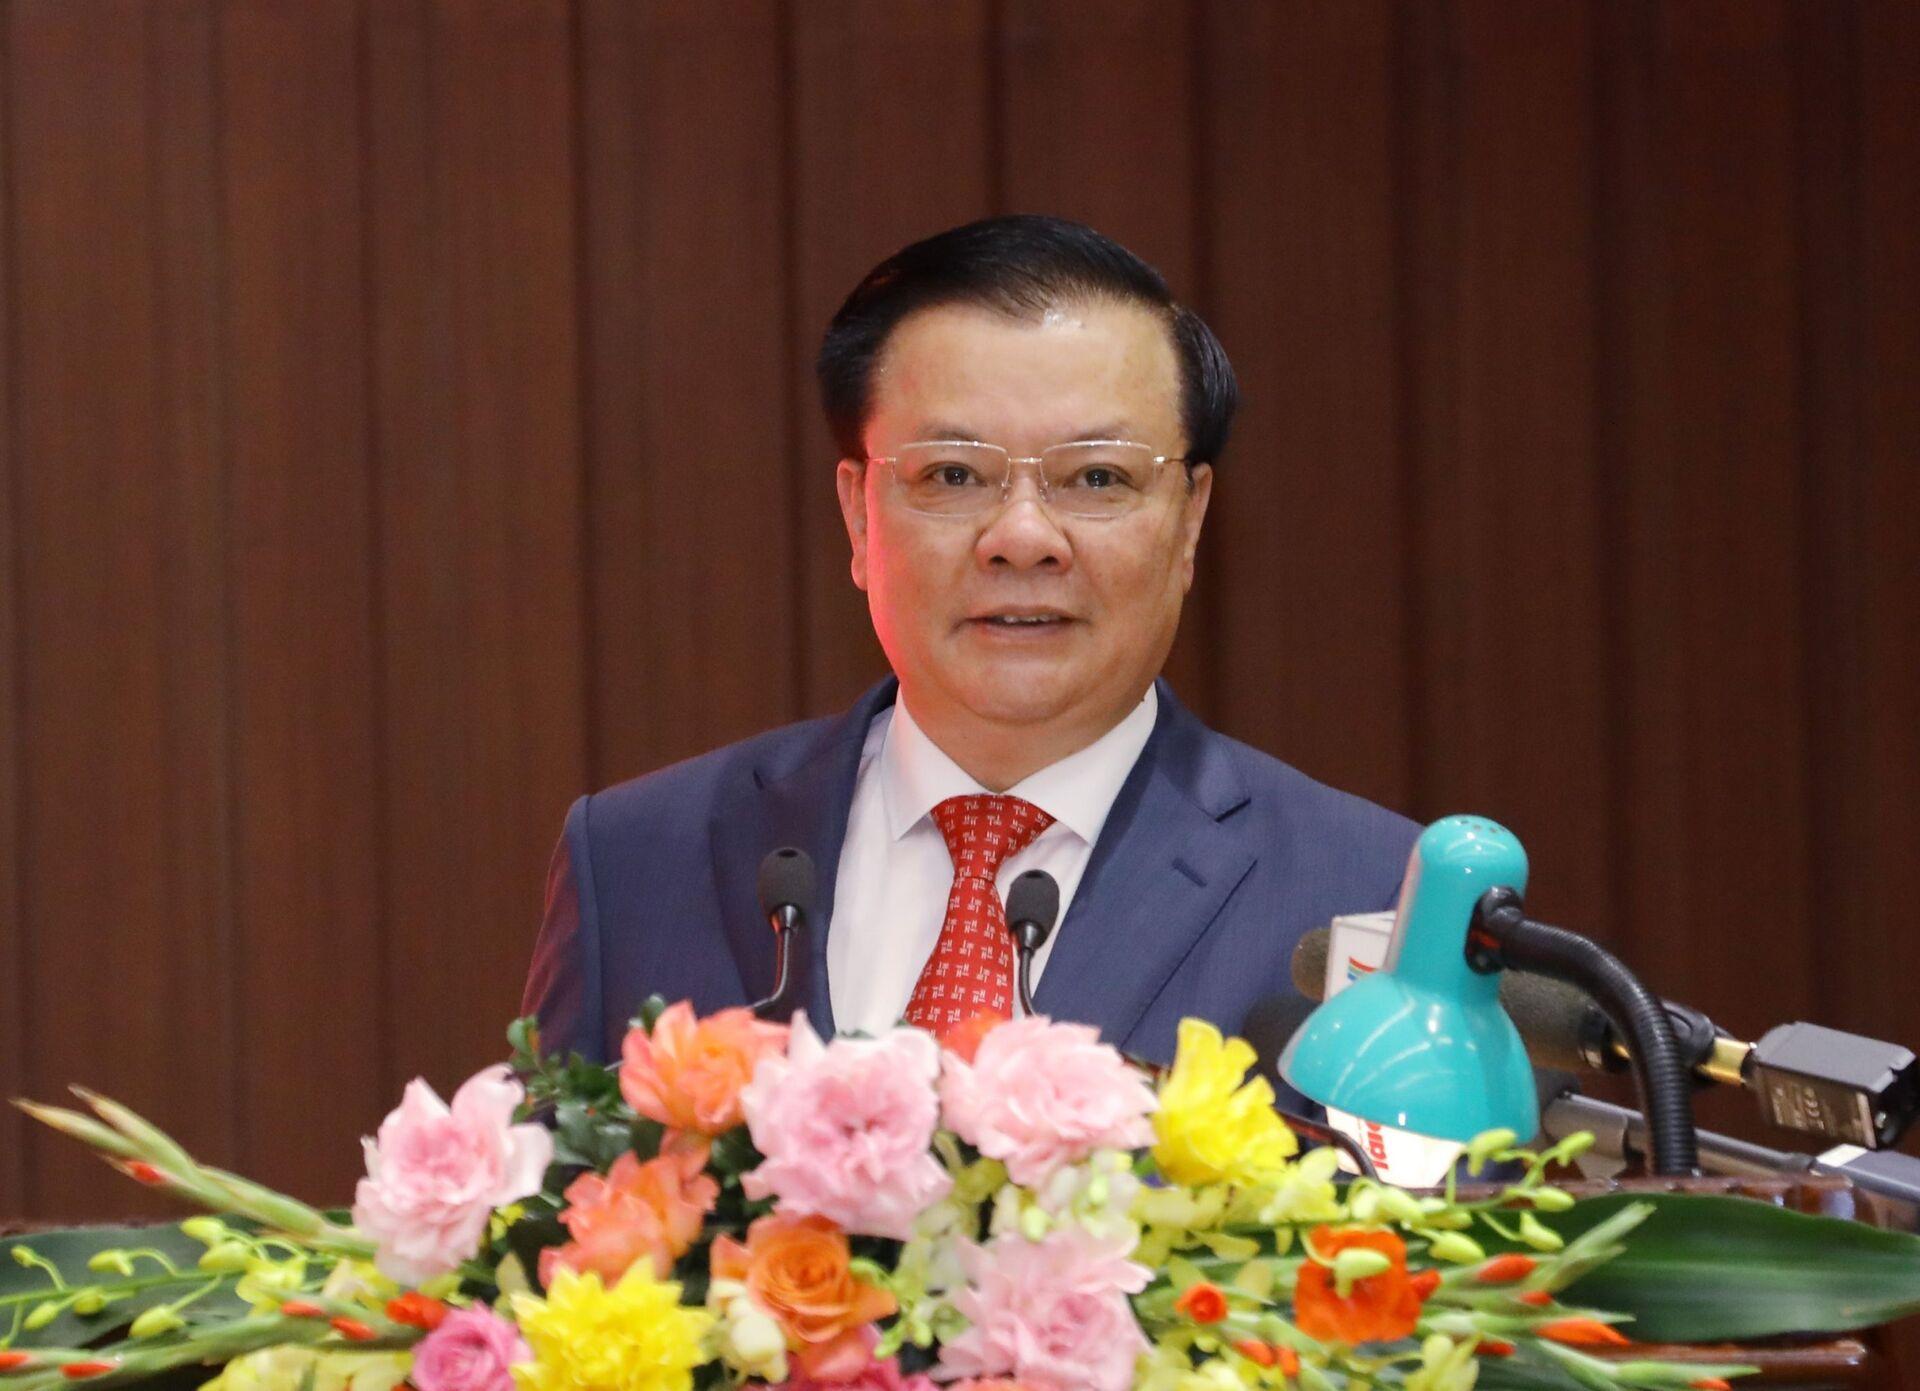 Ông Đinh Tiến Dũng nhận quyết định làm Bí thư Thành ủy Hà Nội - Sputnik Việt Nam, 1920, 03.04.2021